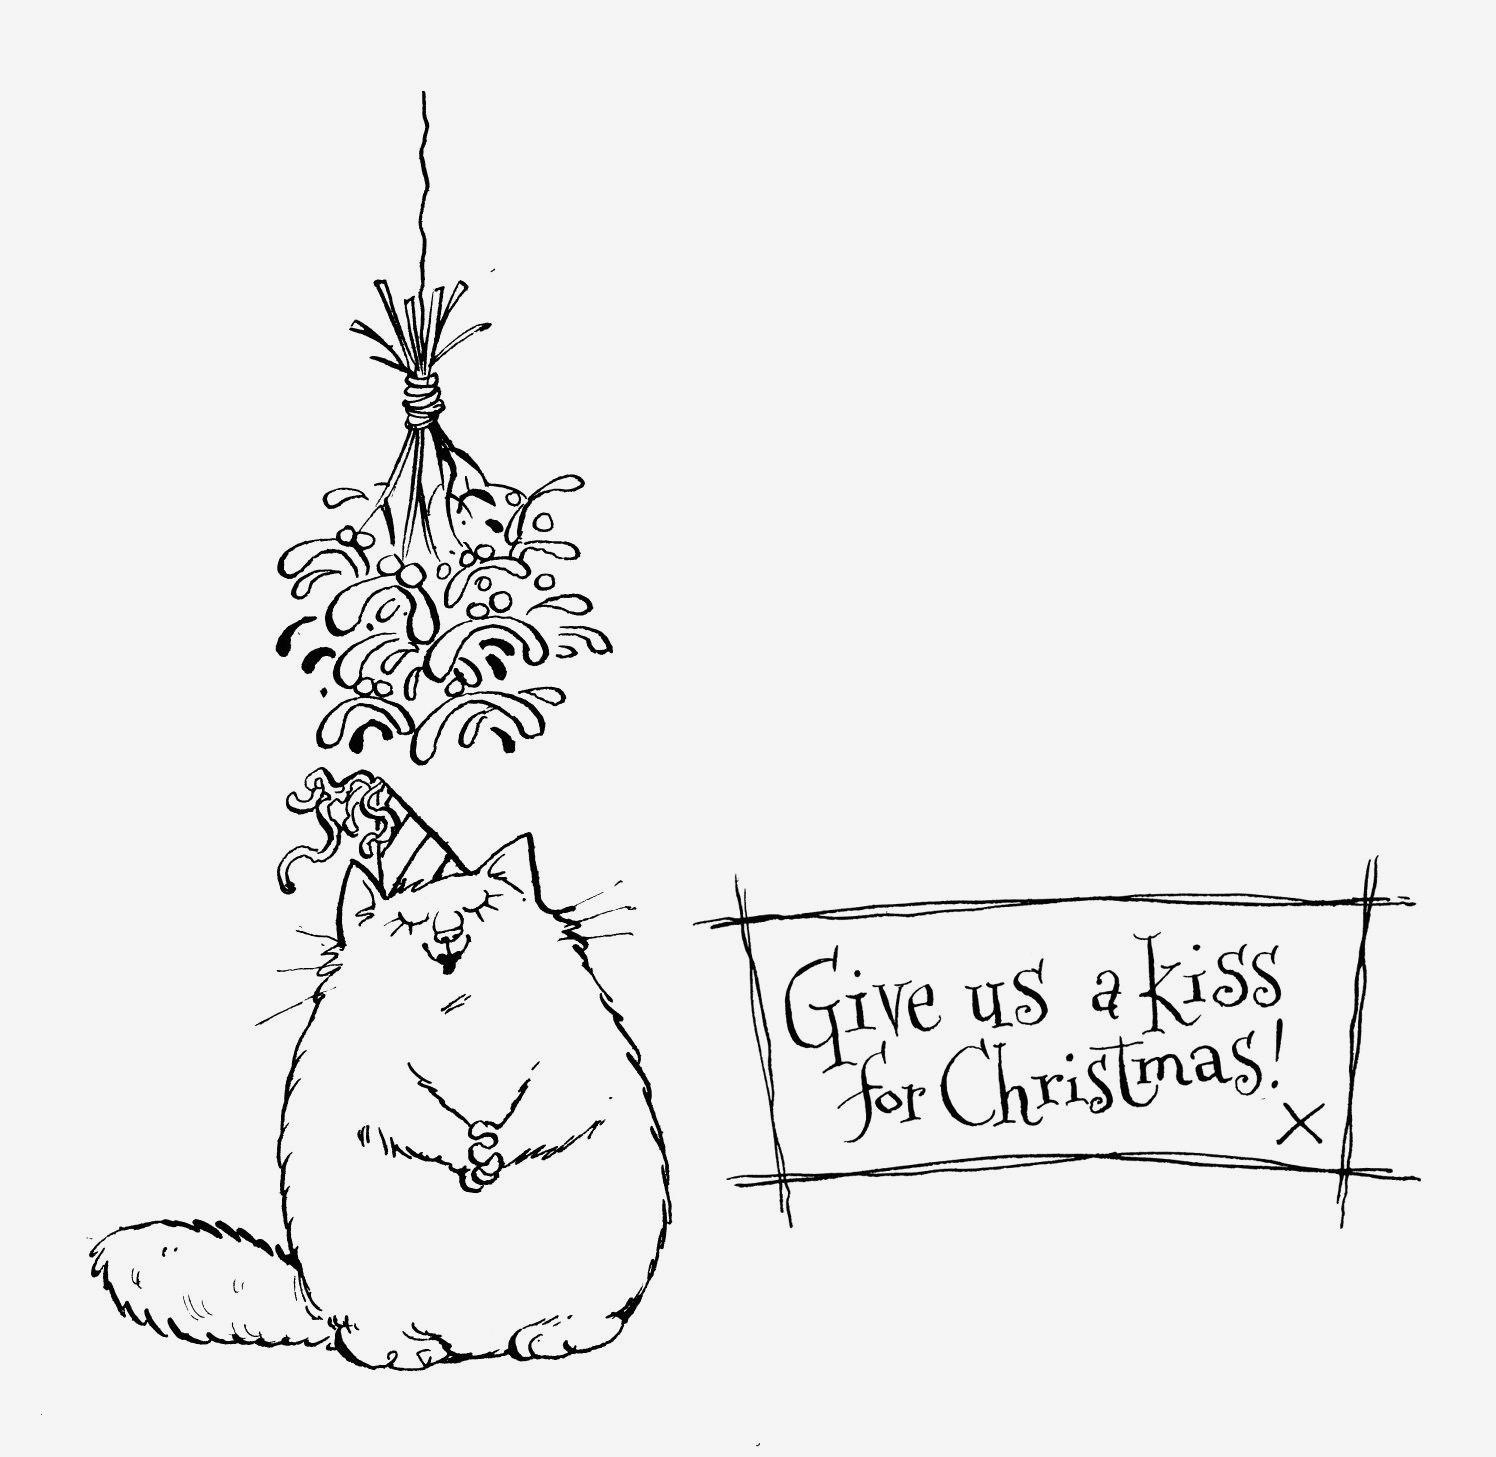 Ausmalbilder Kostenlos Minions Einzigartig Ausmalbilder Kostenlos Weihnachten Lernspiele Färbung Bilder Fat Cat Bild